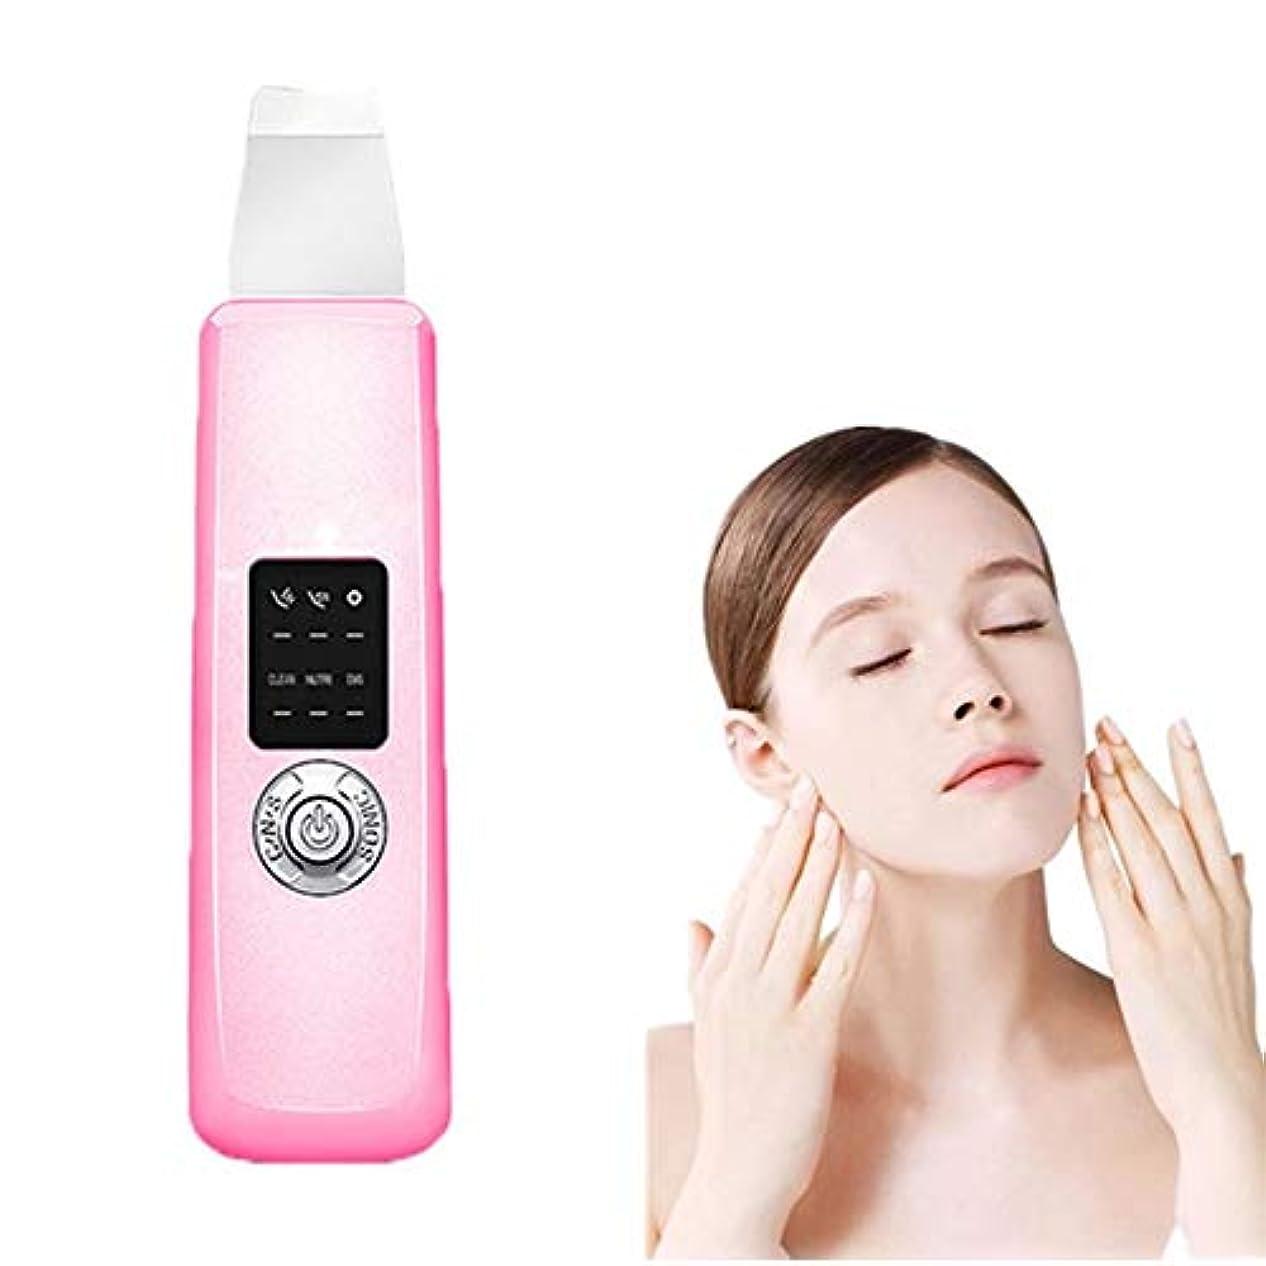 阻害するおびえたくさび顔の皮膚スクラバーエレクトリックブラックヘッドリムーバー毛穴イオンクリーナーにきび面皰ExtractorのUSB充電式フェイシャルマッサージリフティング - ピンクマッサージャー死んだ皮膚の削除ツールEMSのスキンケアピーリング